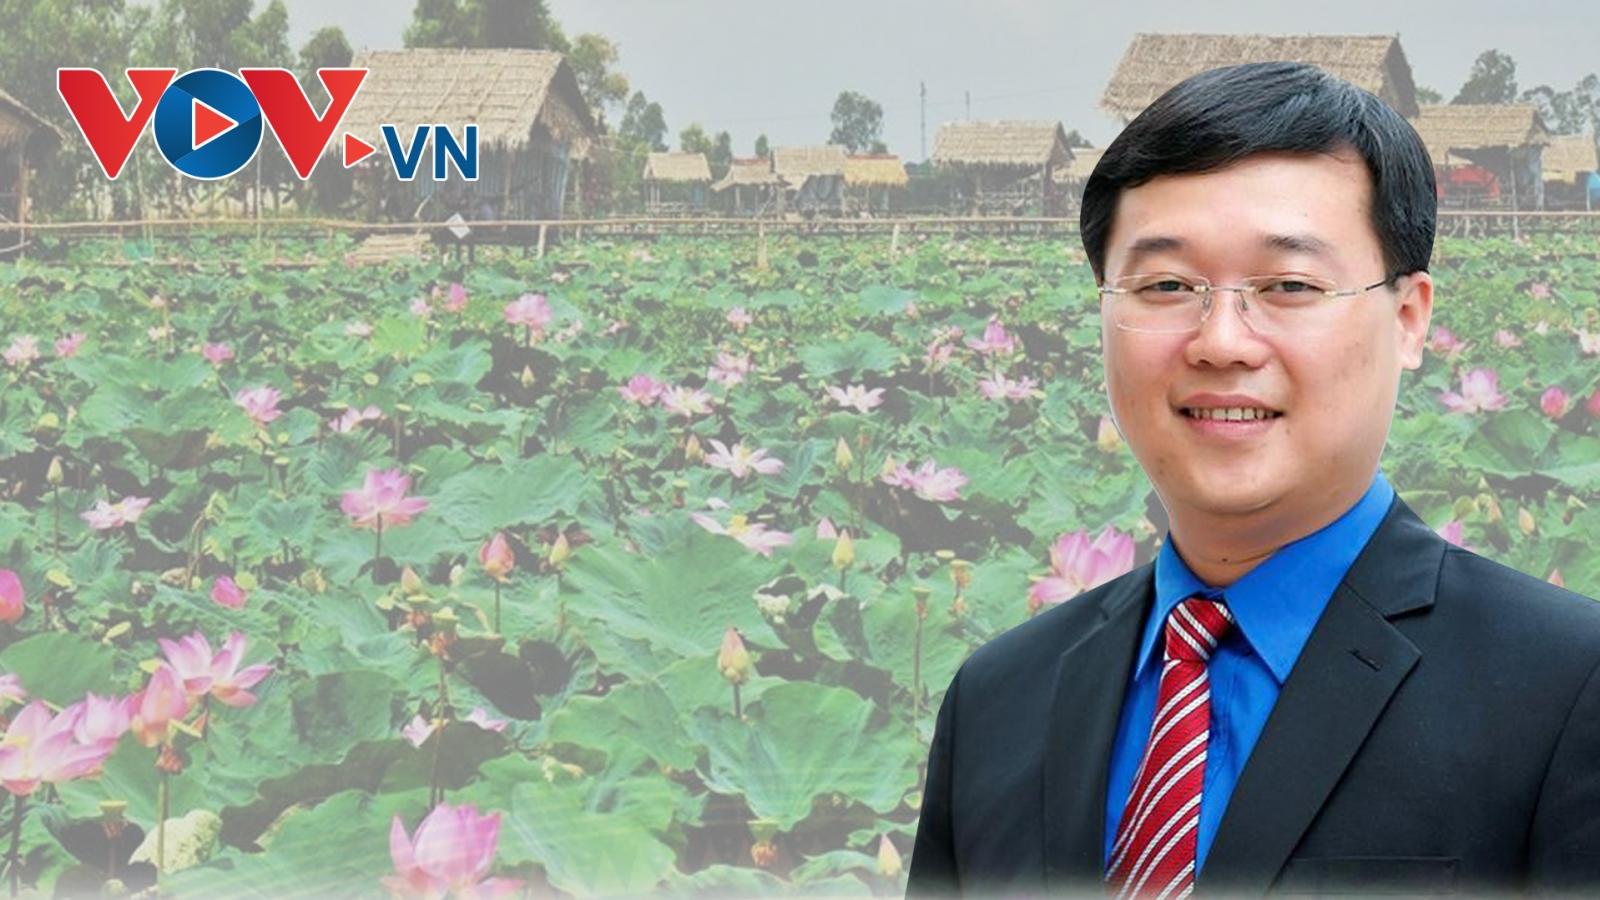 Chân dung ông Lê Quốc Phong - Bí thư Tỉnh ủy trẻ nhất cả nước